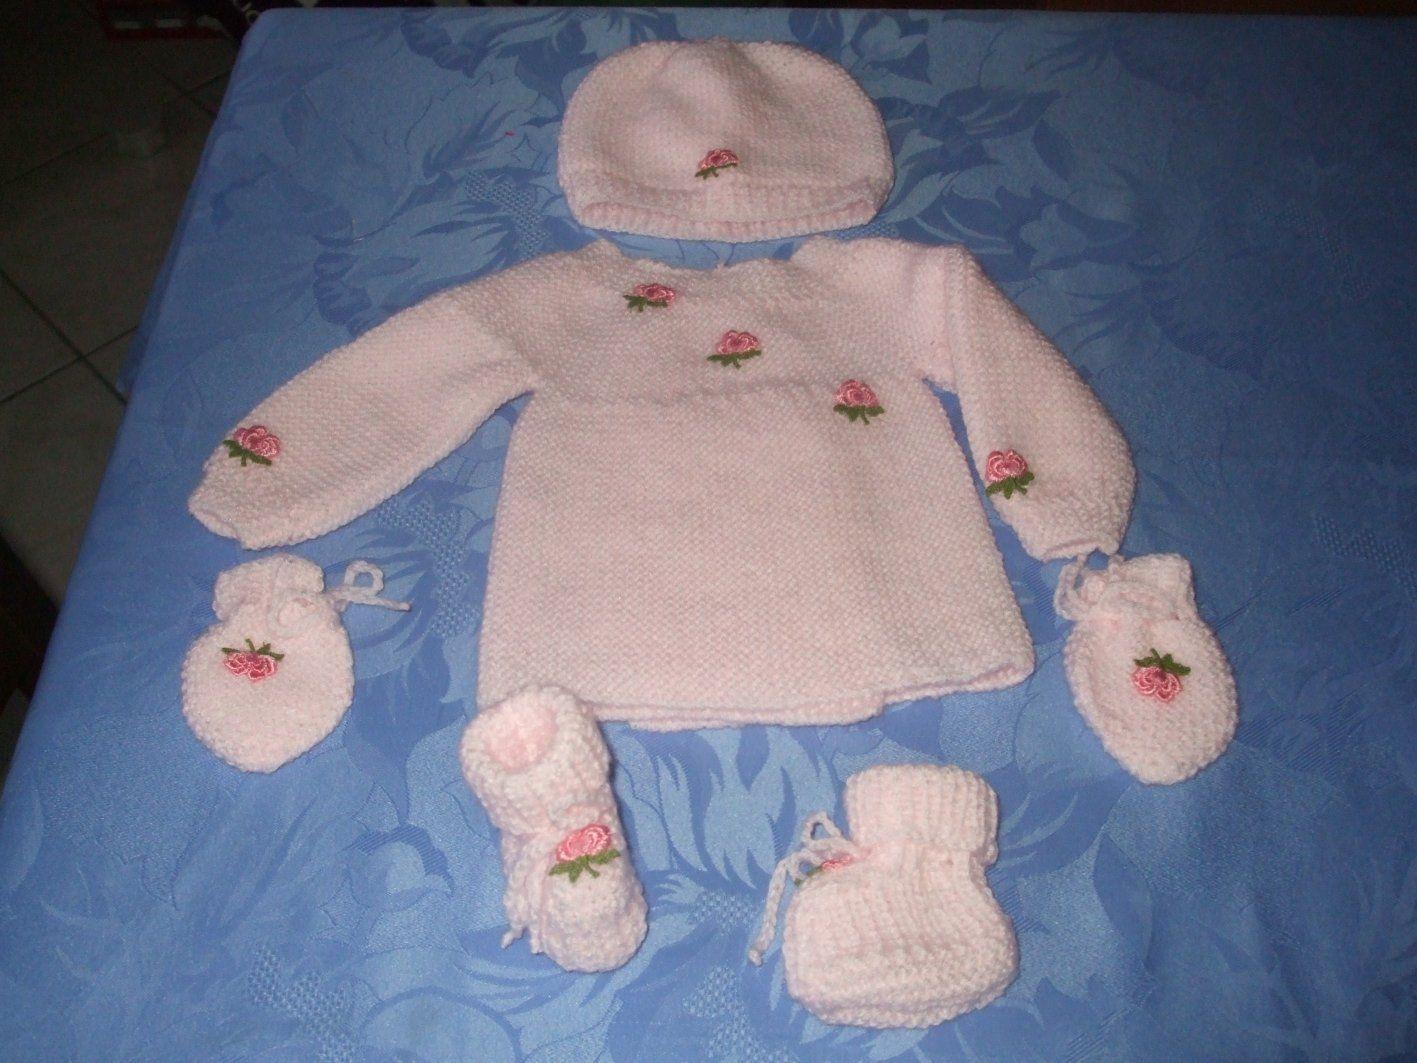 besoin de vos conseils pour tricoter....  Forum Loisirs Magicmaman